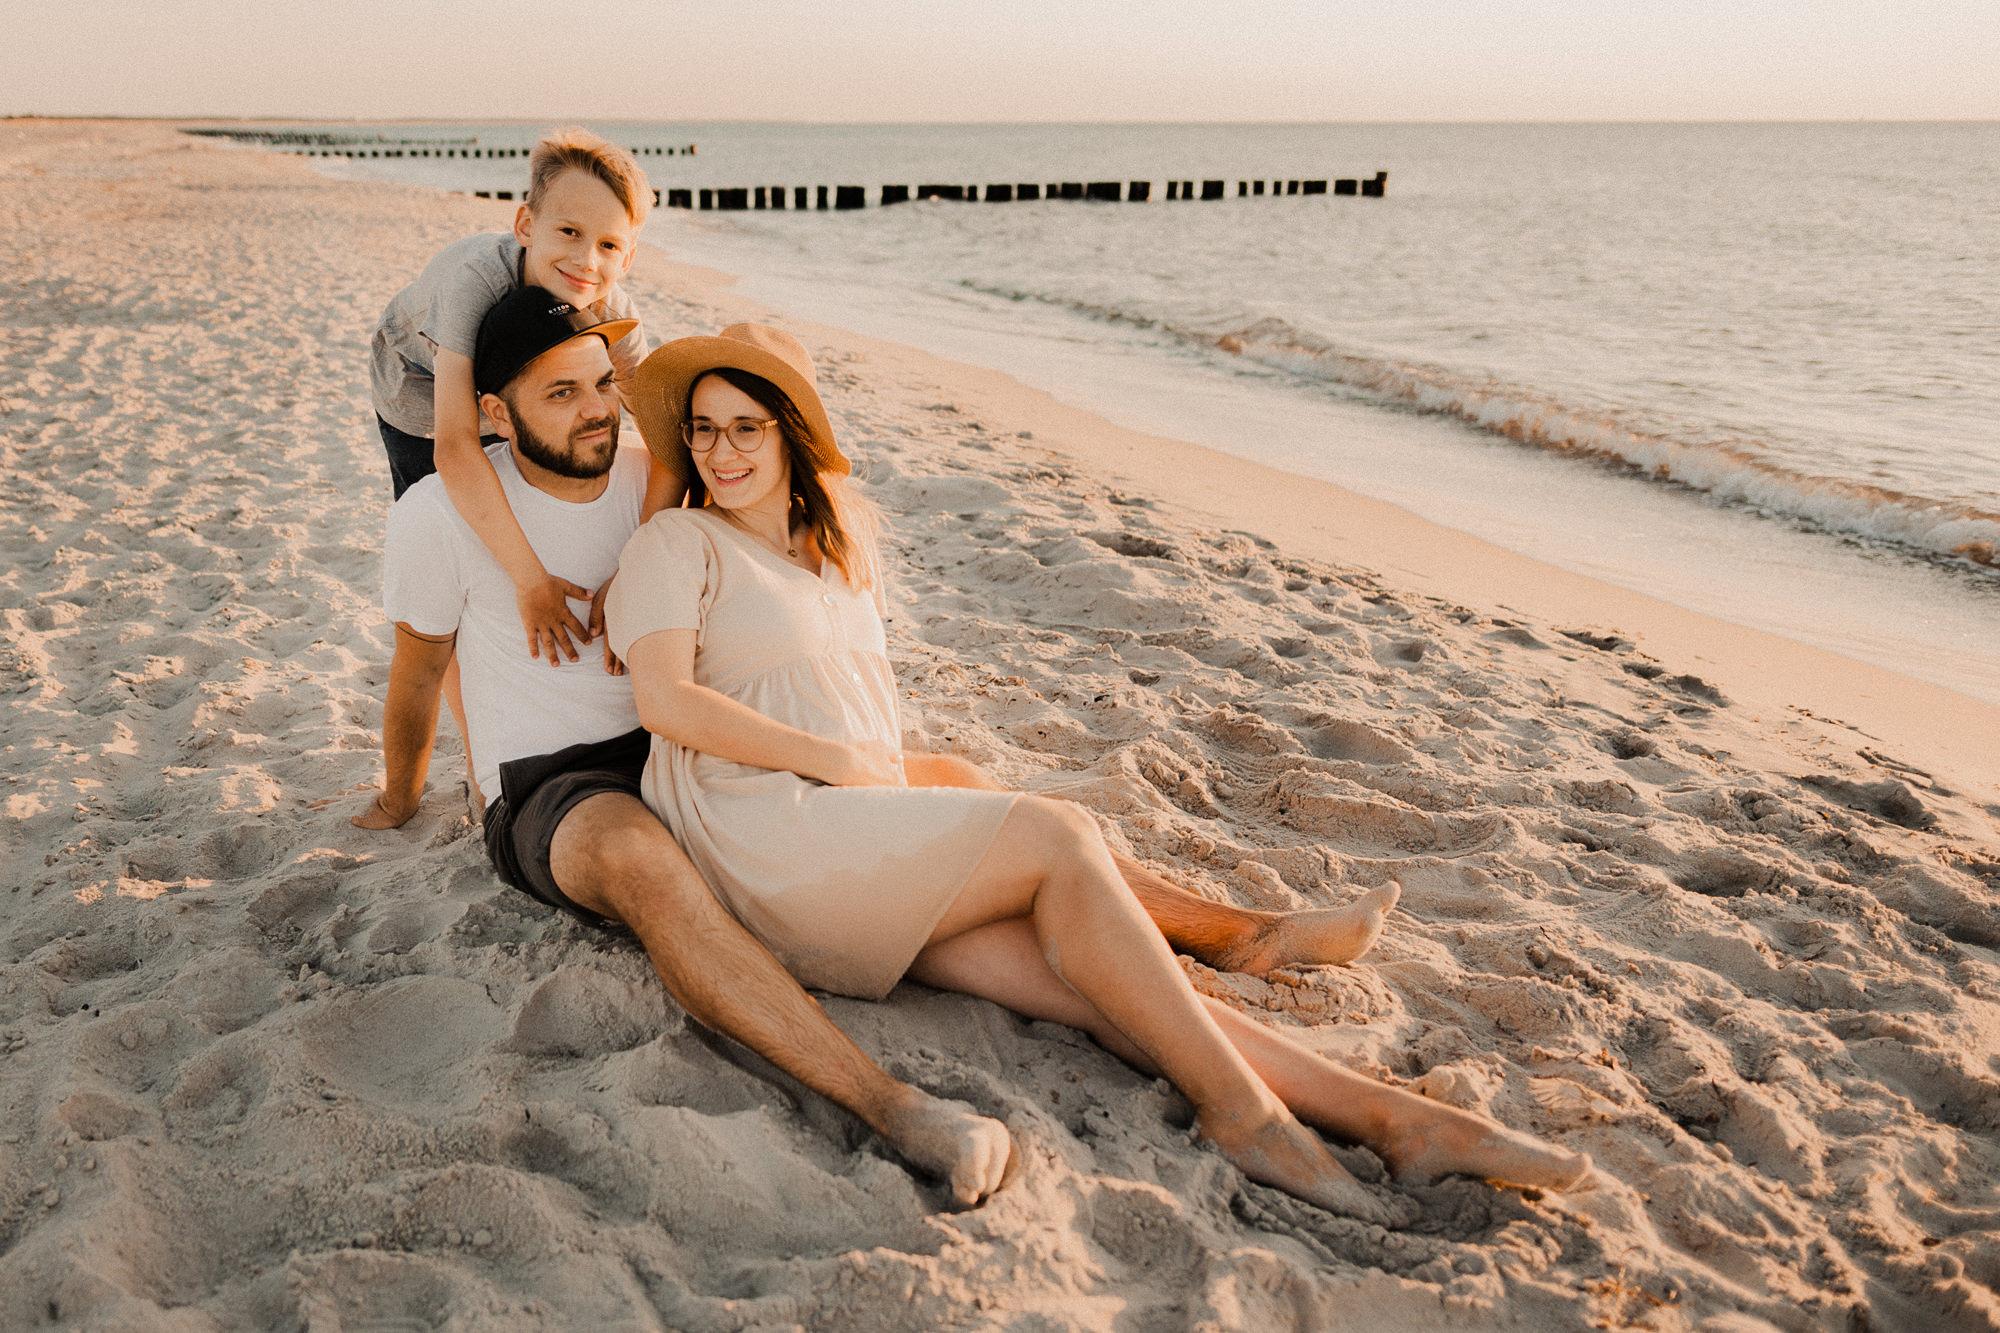 Paarfotos mit Babybauch in Wustrow - Fotograf Babybauch Ostsee - Familienfotografie Ahrenshoop - Familienshooting in Graal Müritz an der Ostsee